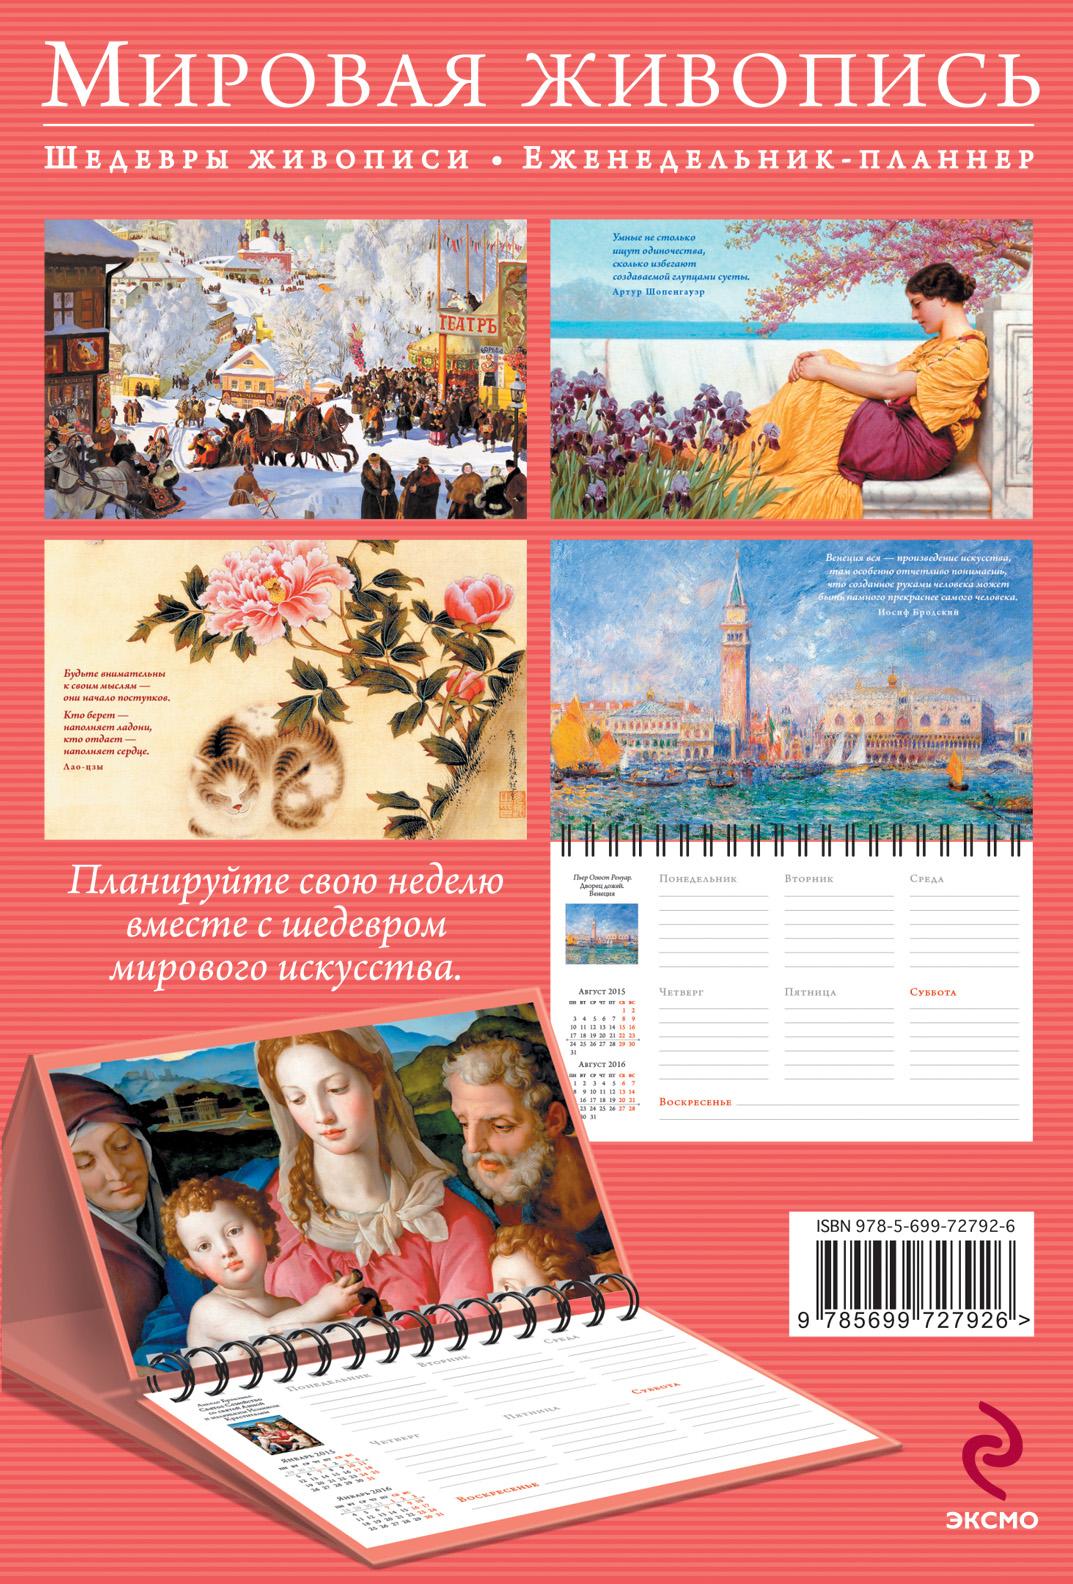 Шедевры мировой живописи. Еженедельник-планнер